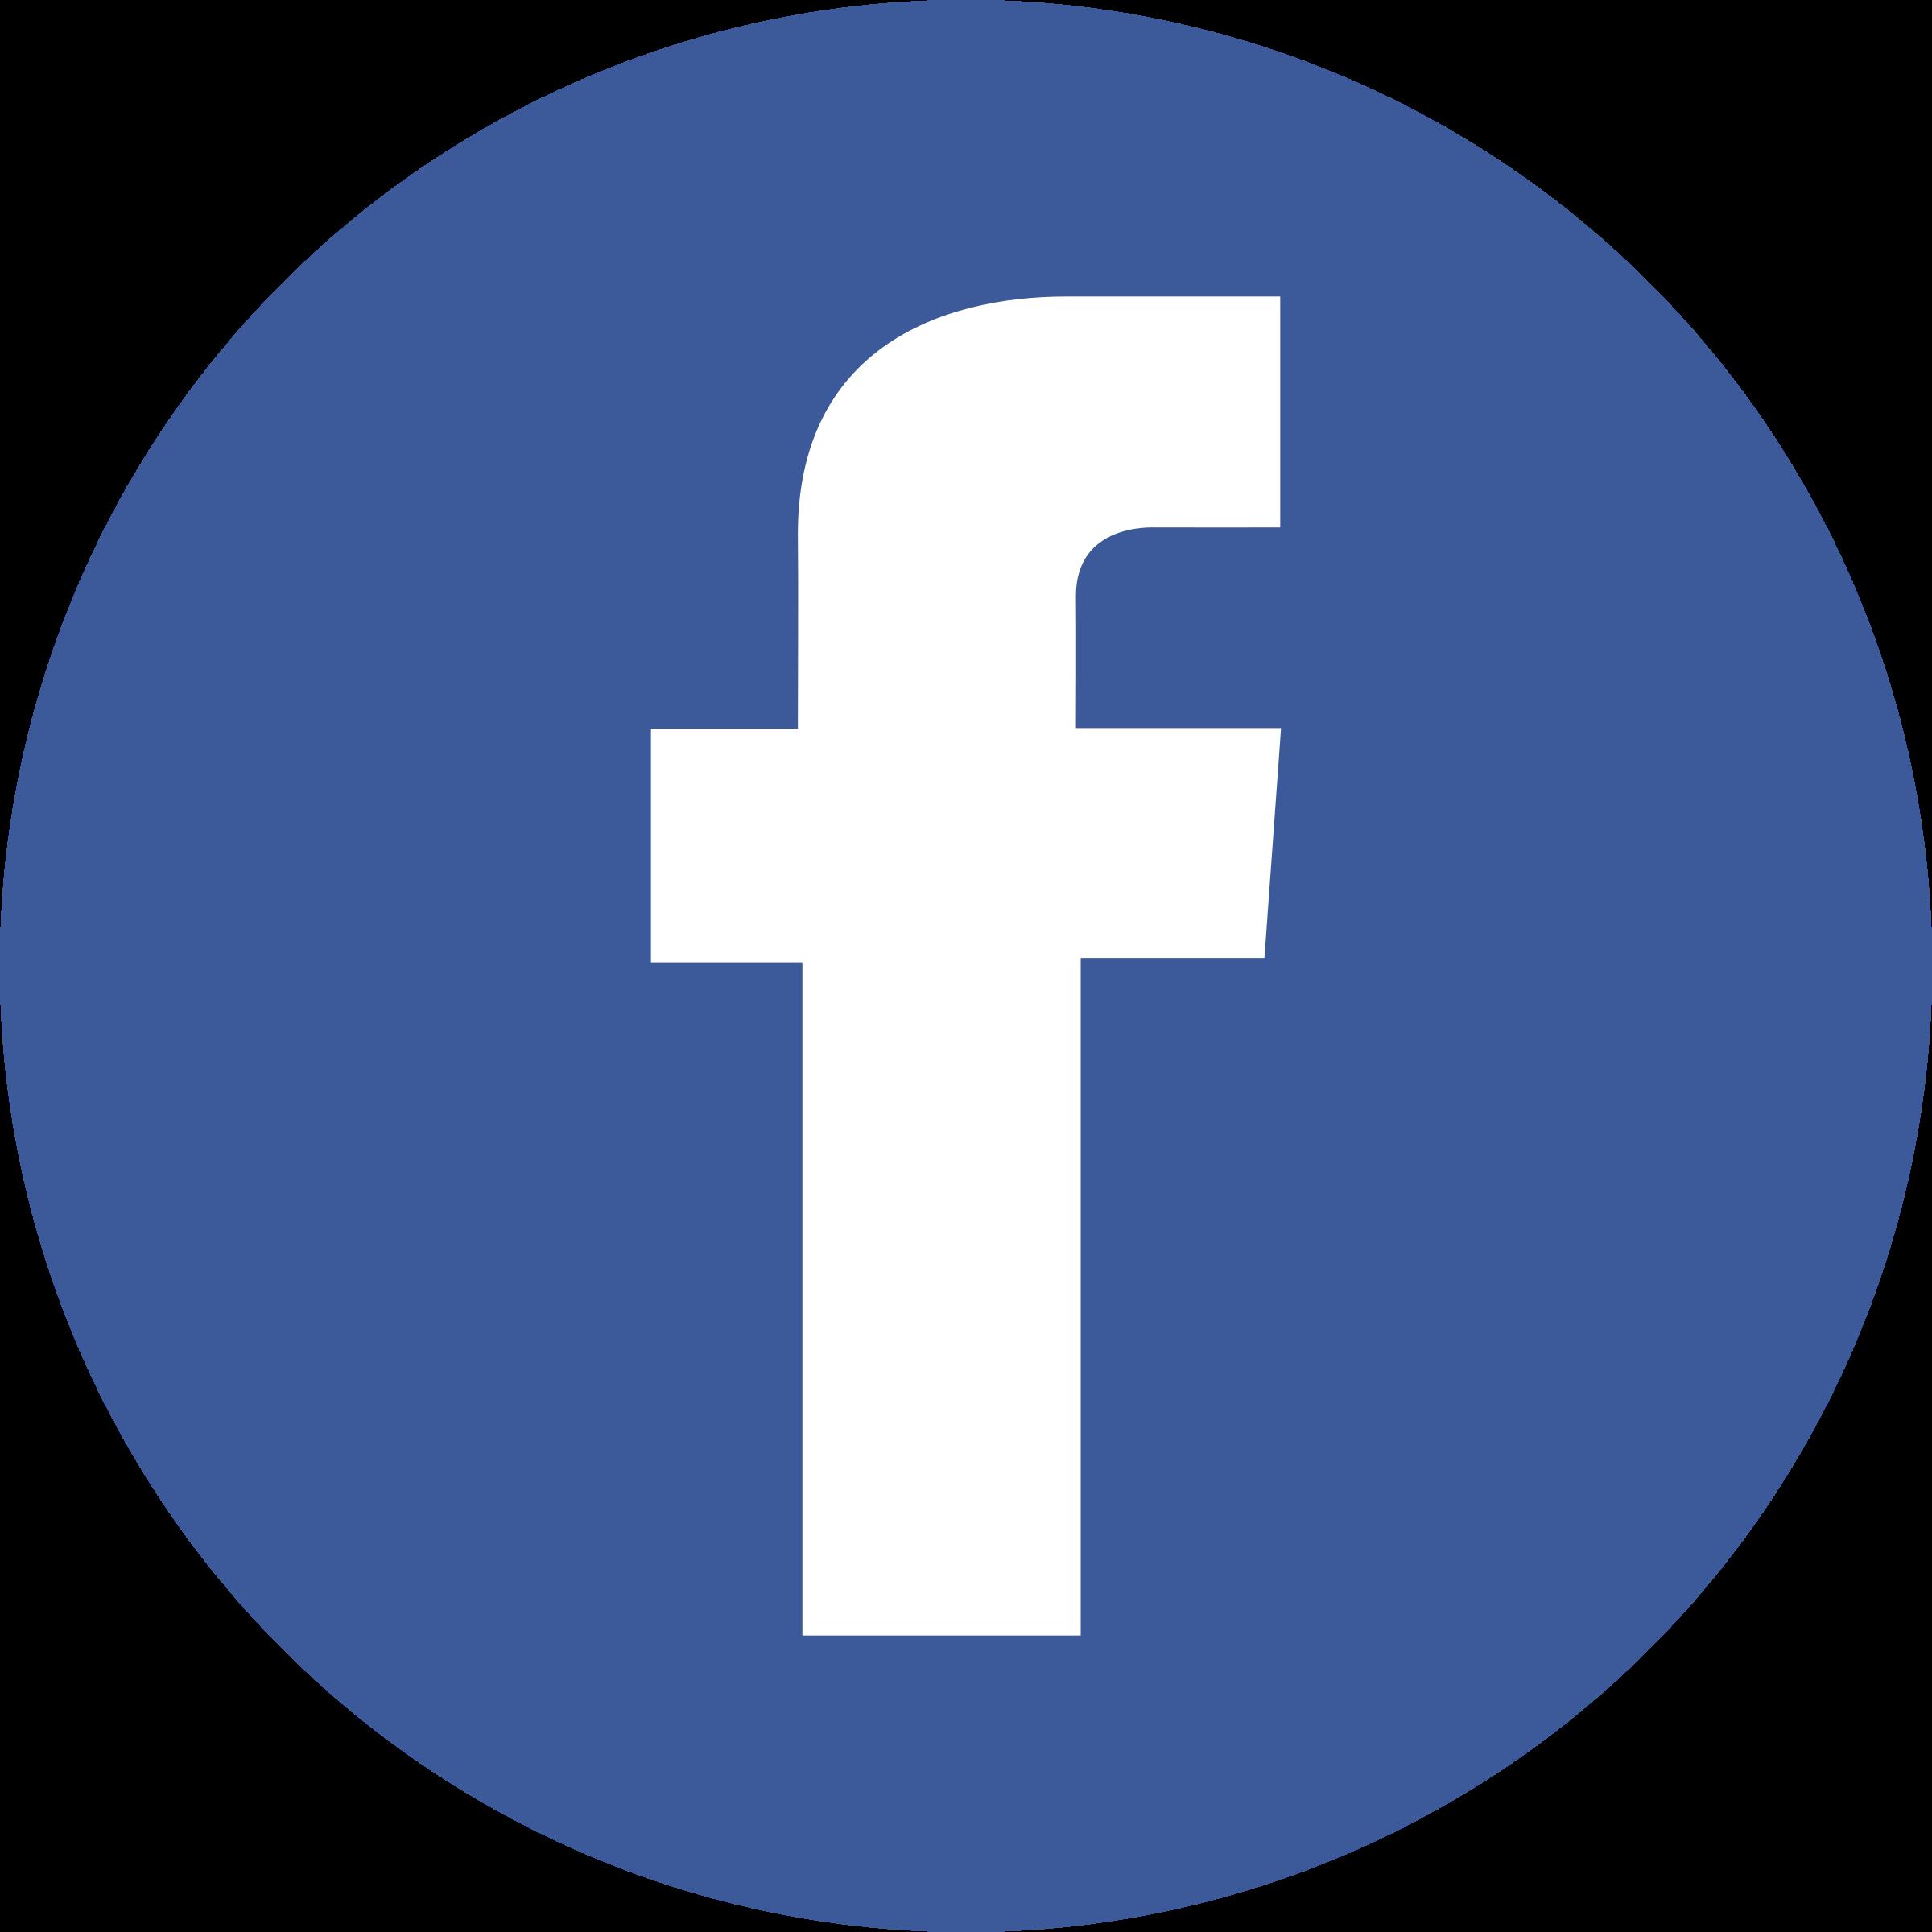 Колледж бизнеса и права в facebook